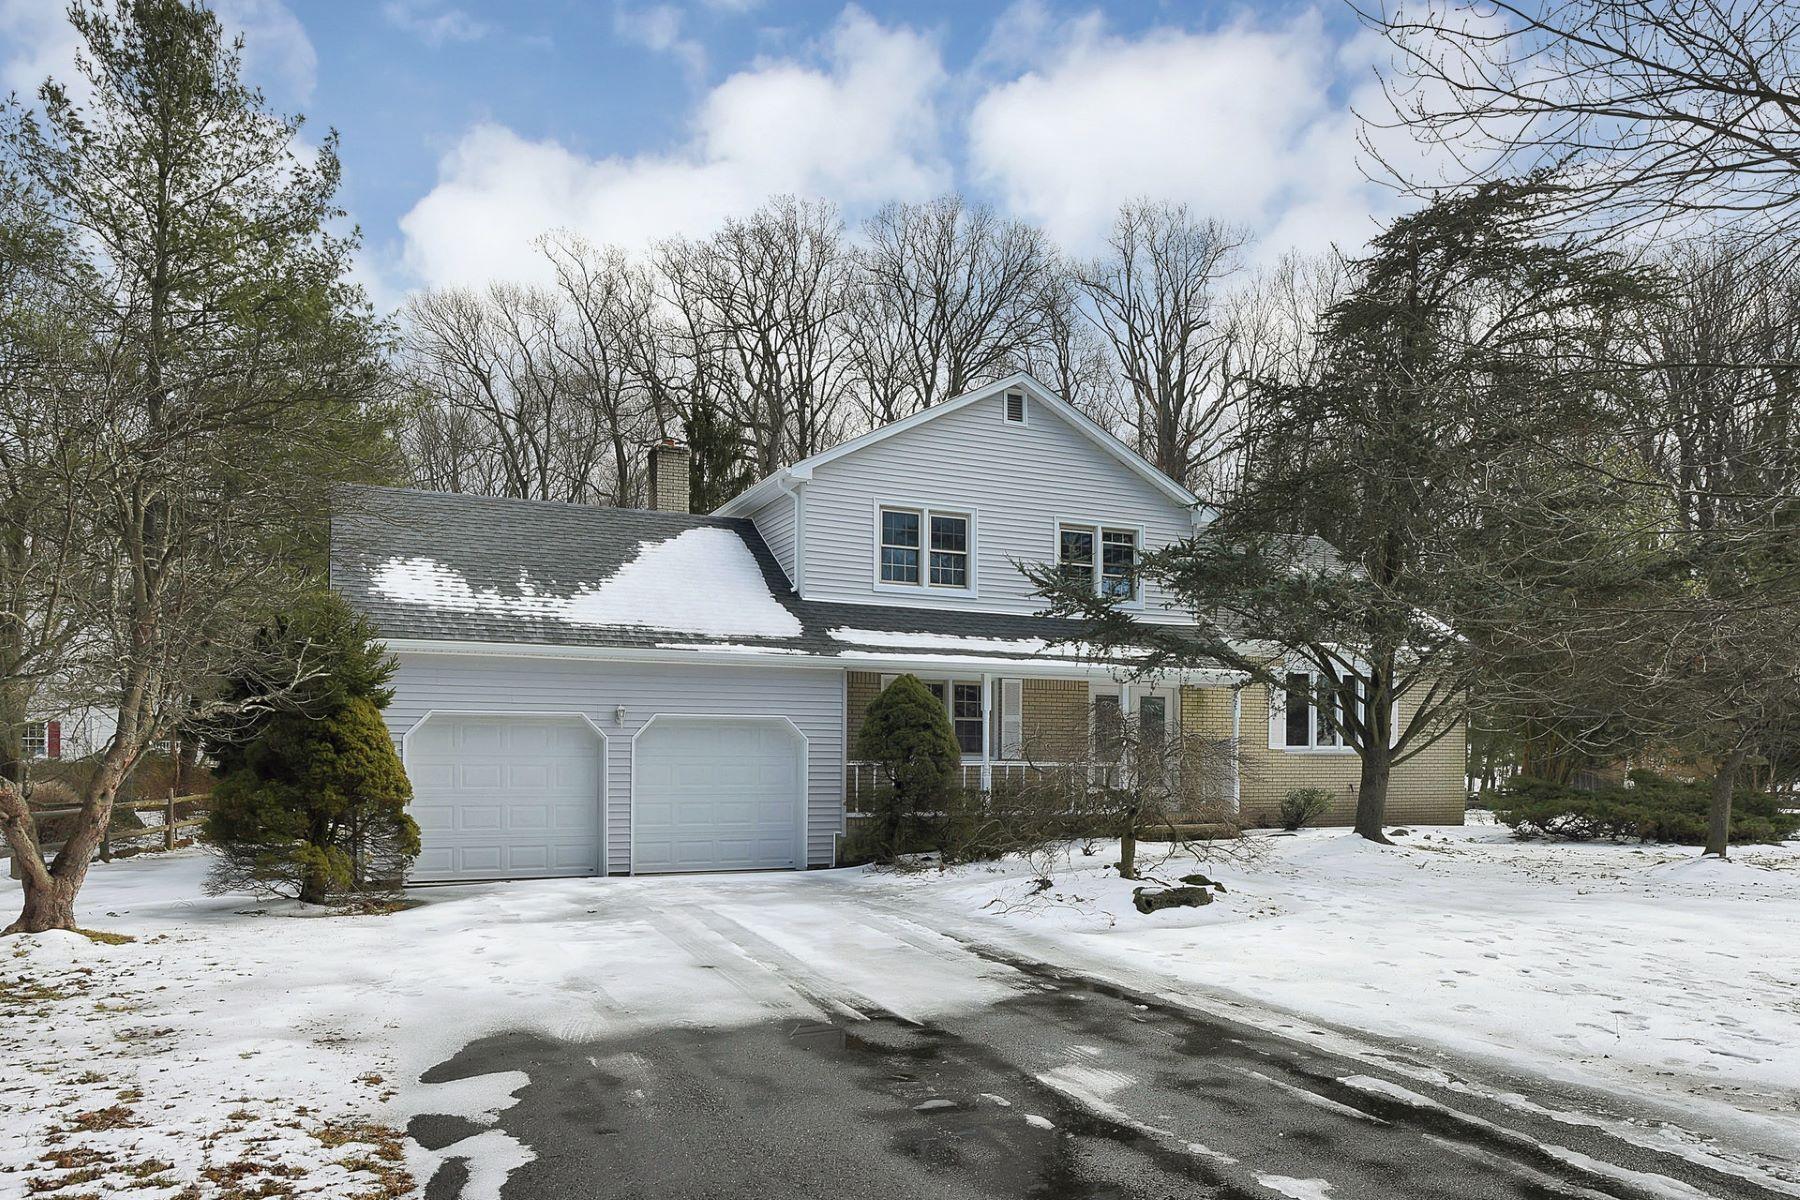 Частный односемейный дом для того Продажа на Welcome Home 30 Cobblestone Lane Ramsey, Нью-Джерси 07446 Соединенные Штаты